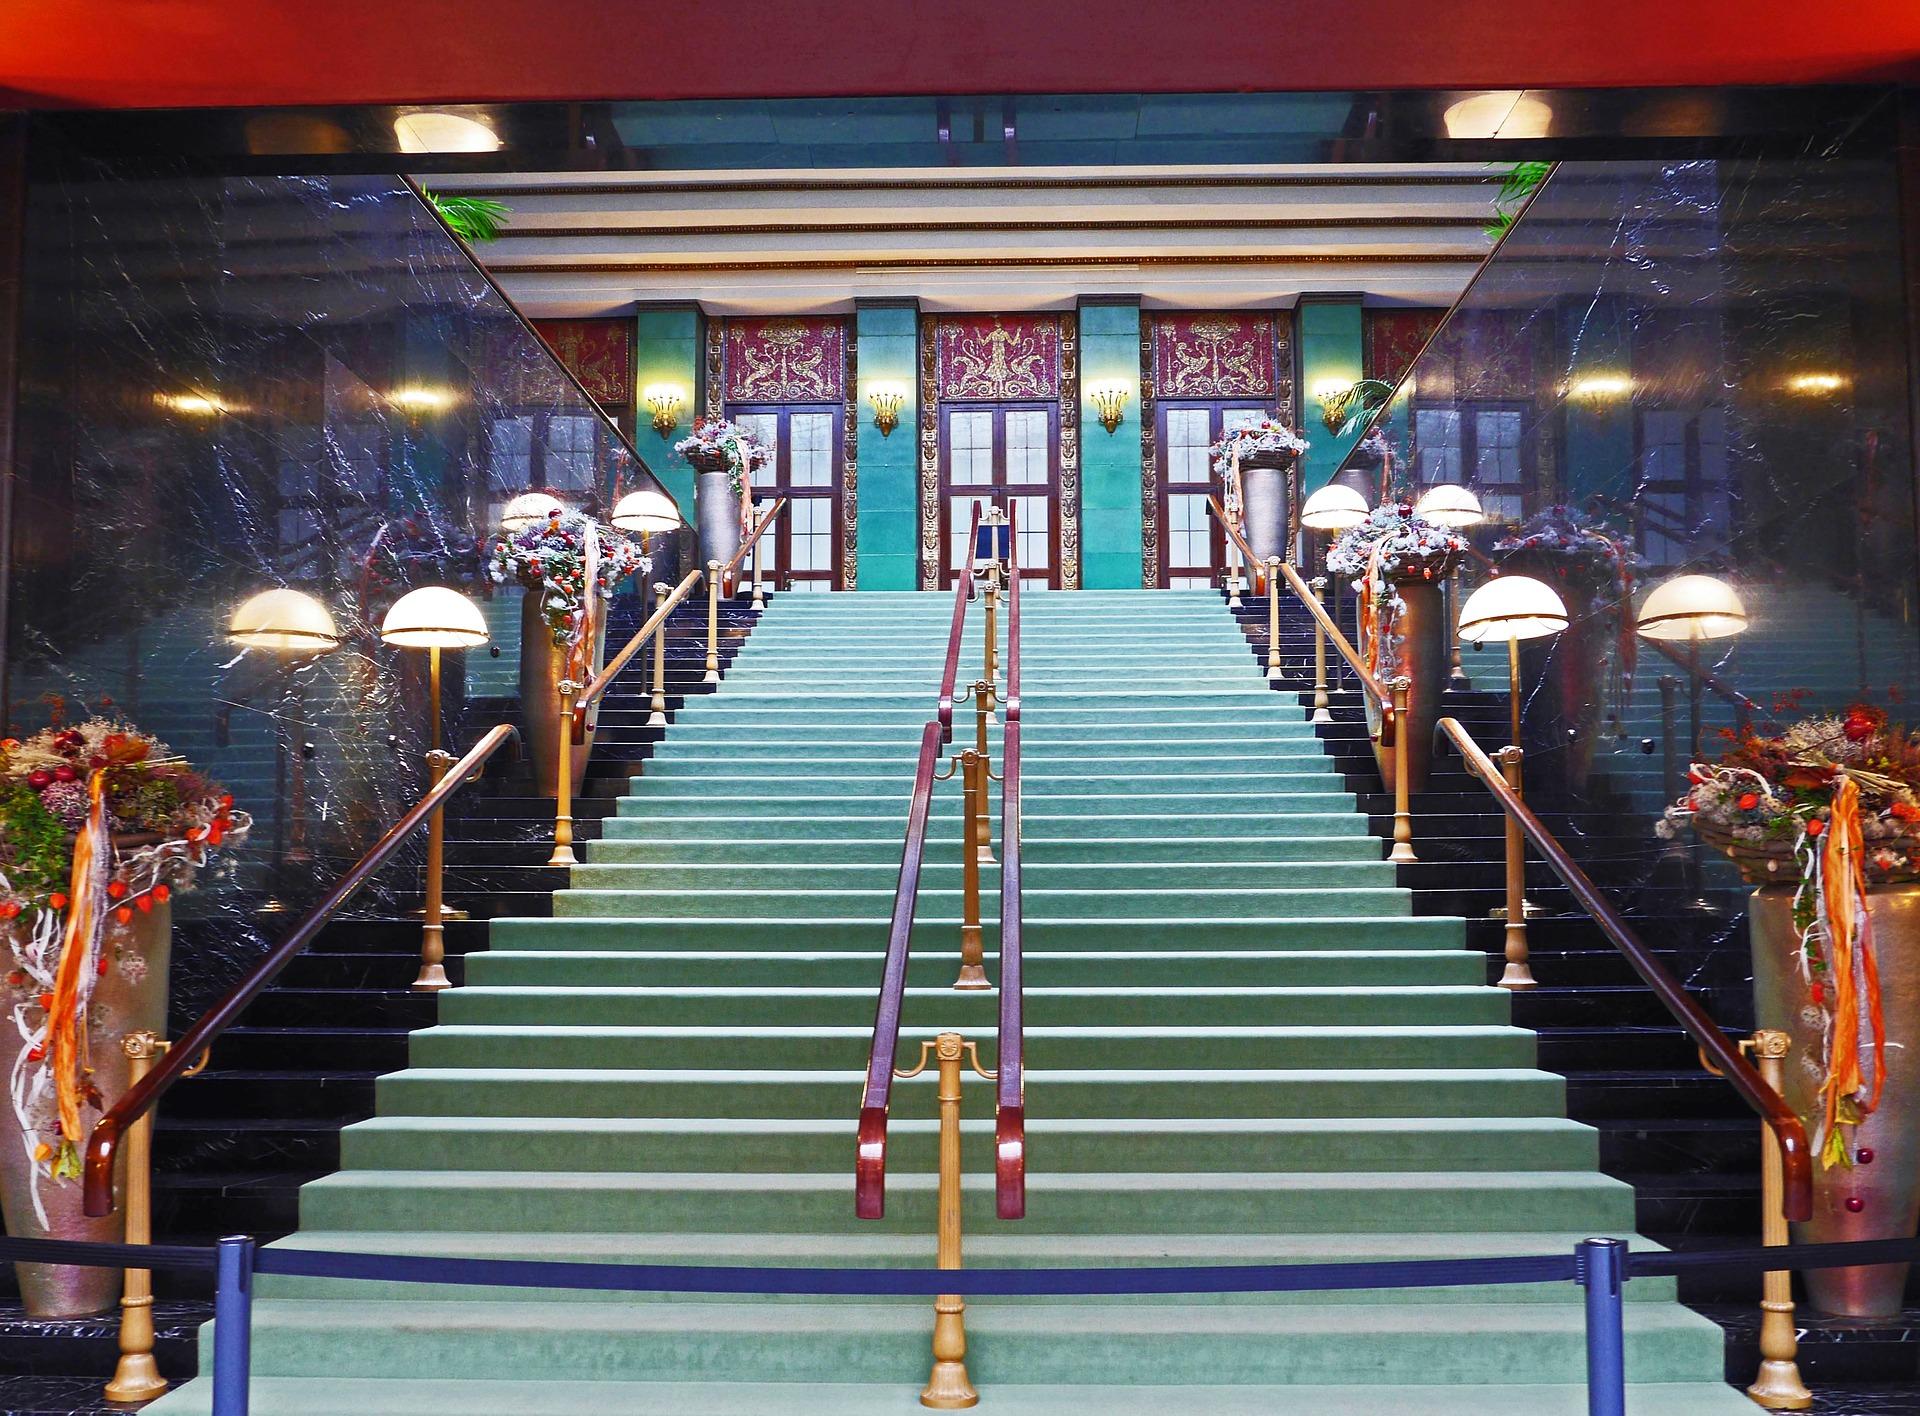 ¿Cómo decorar una escalera de interiores?